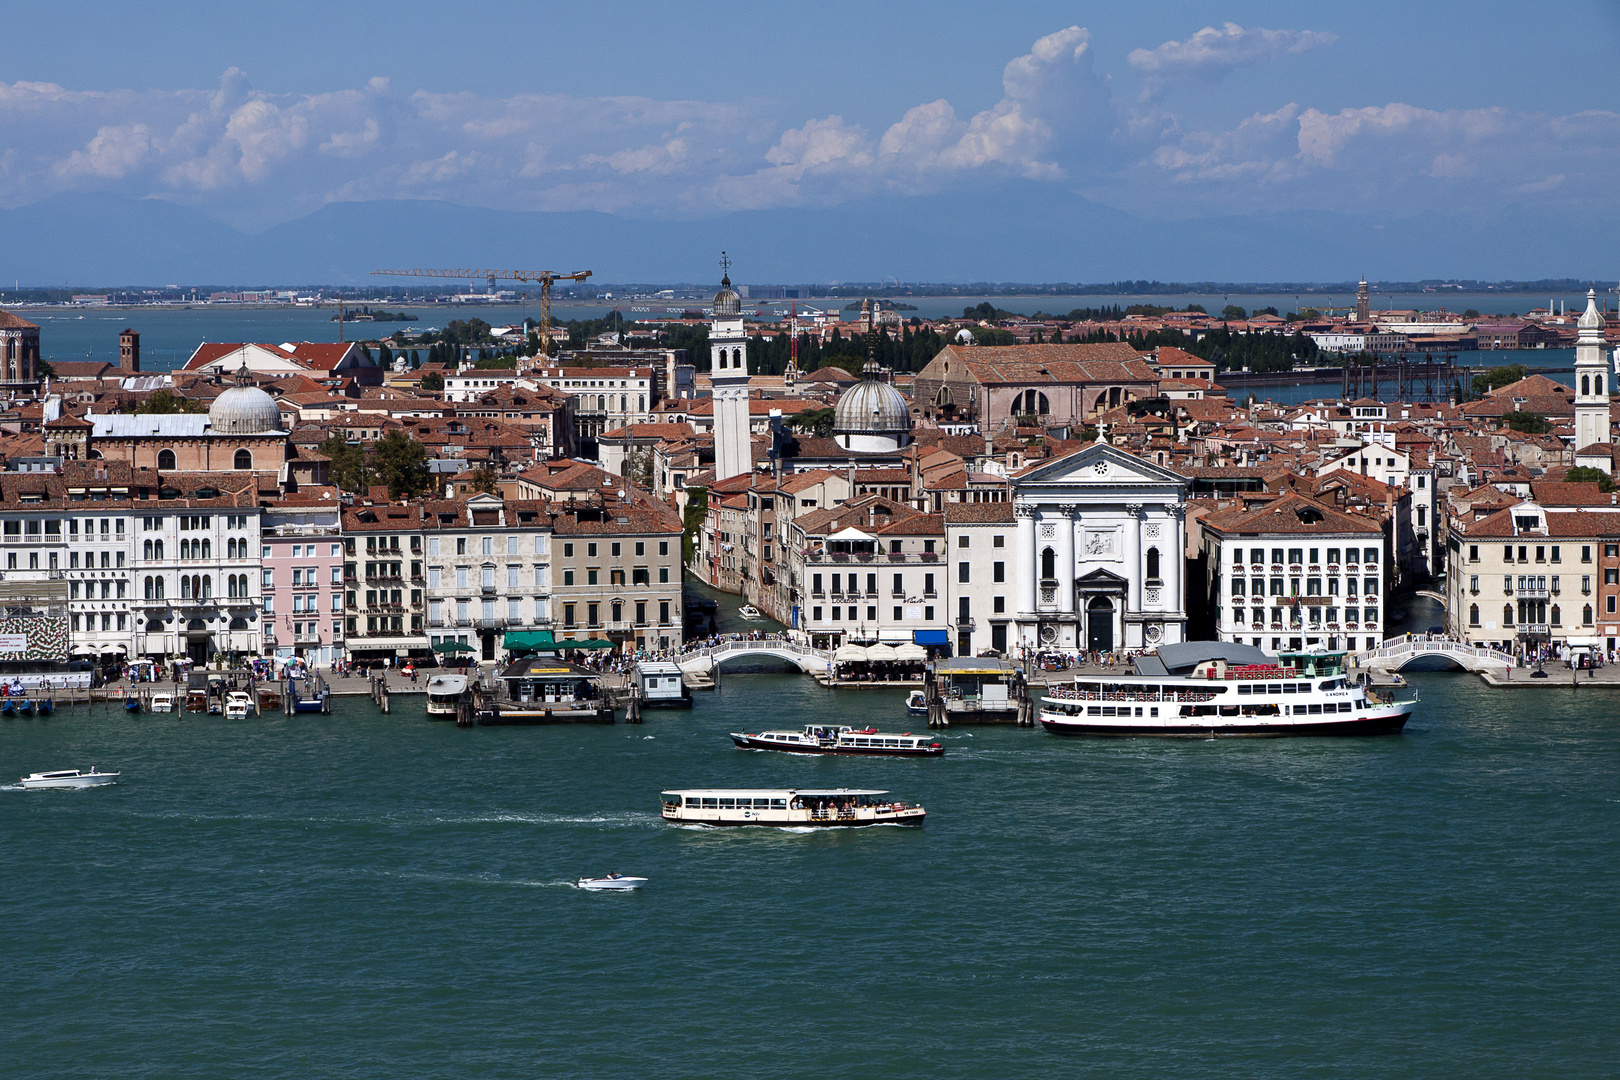 Venedig mit dem Monte Grappa